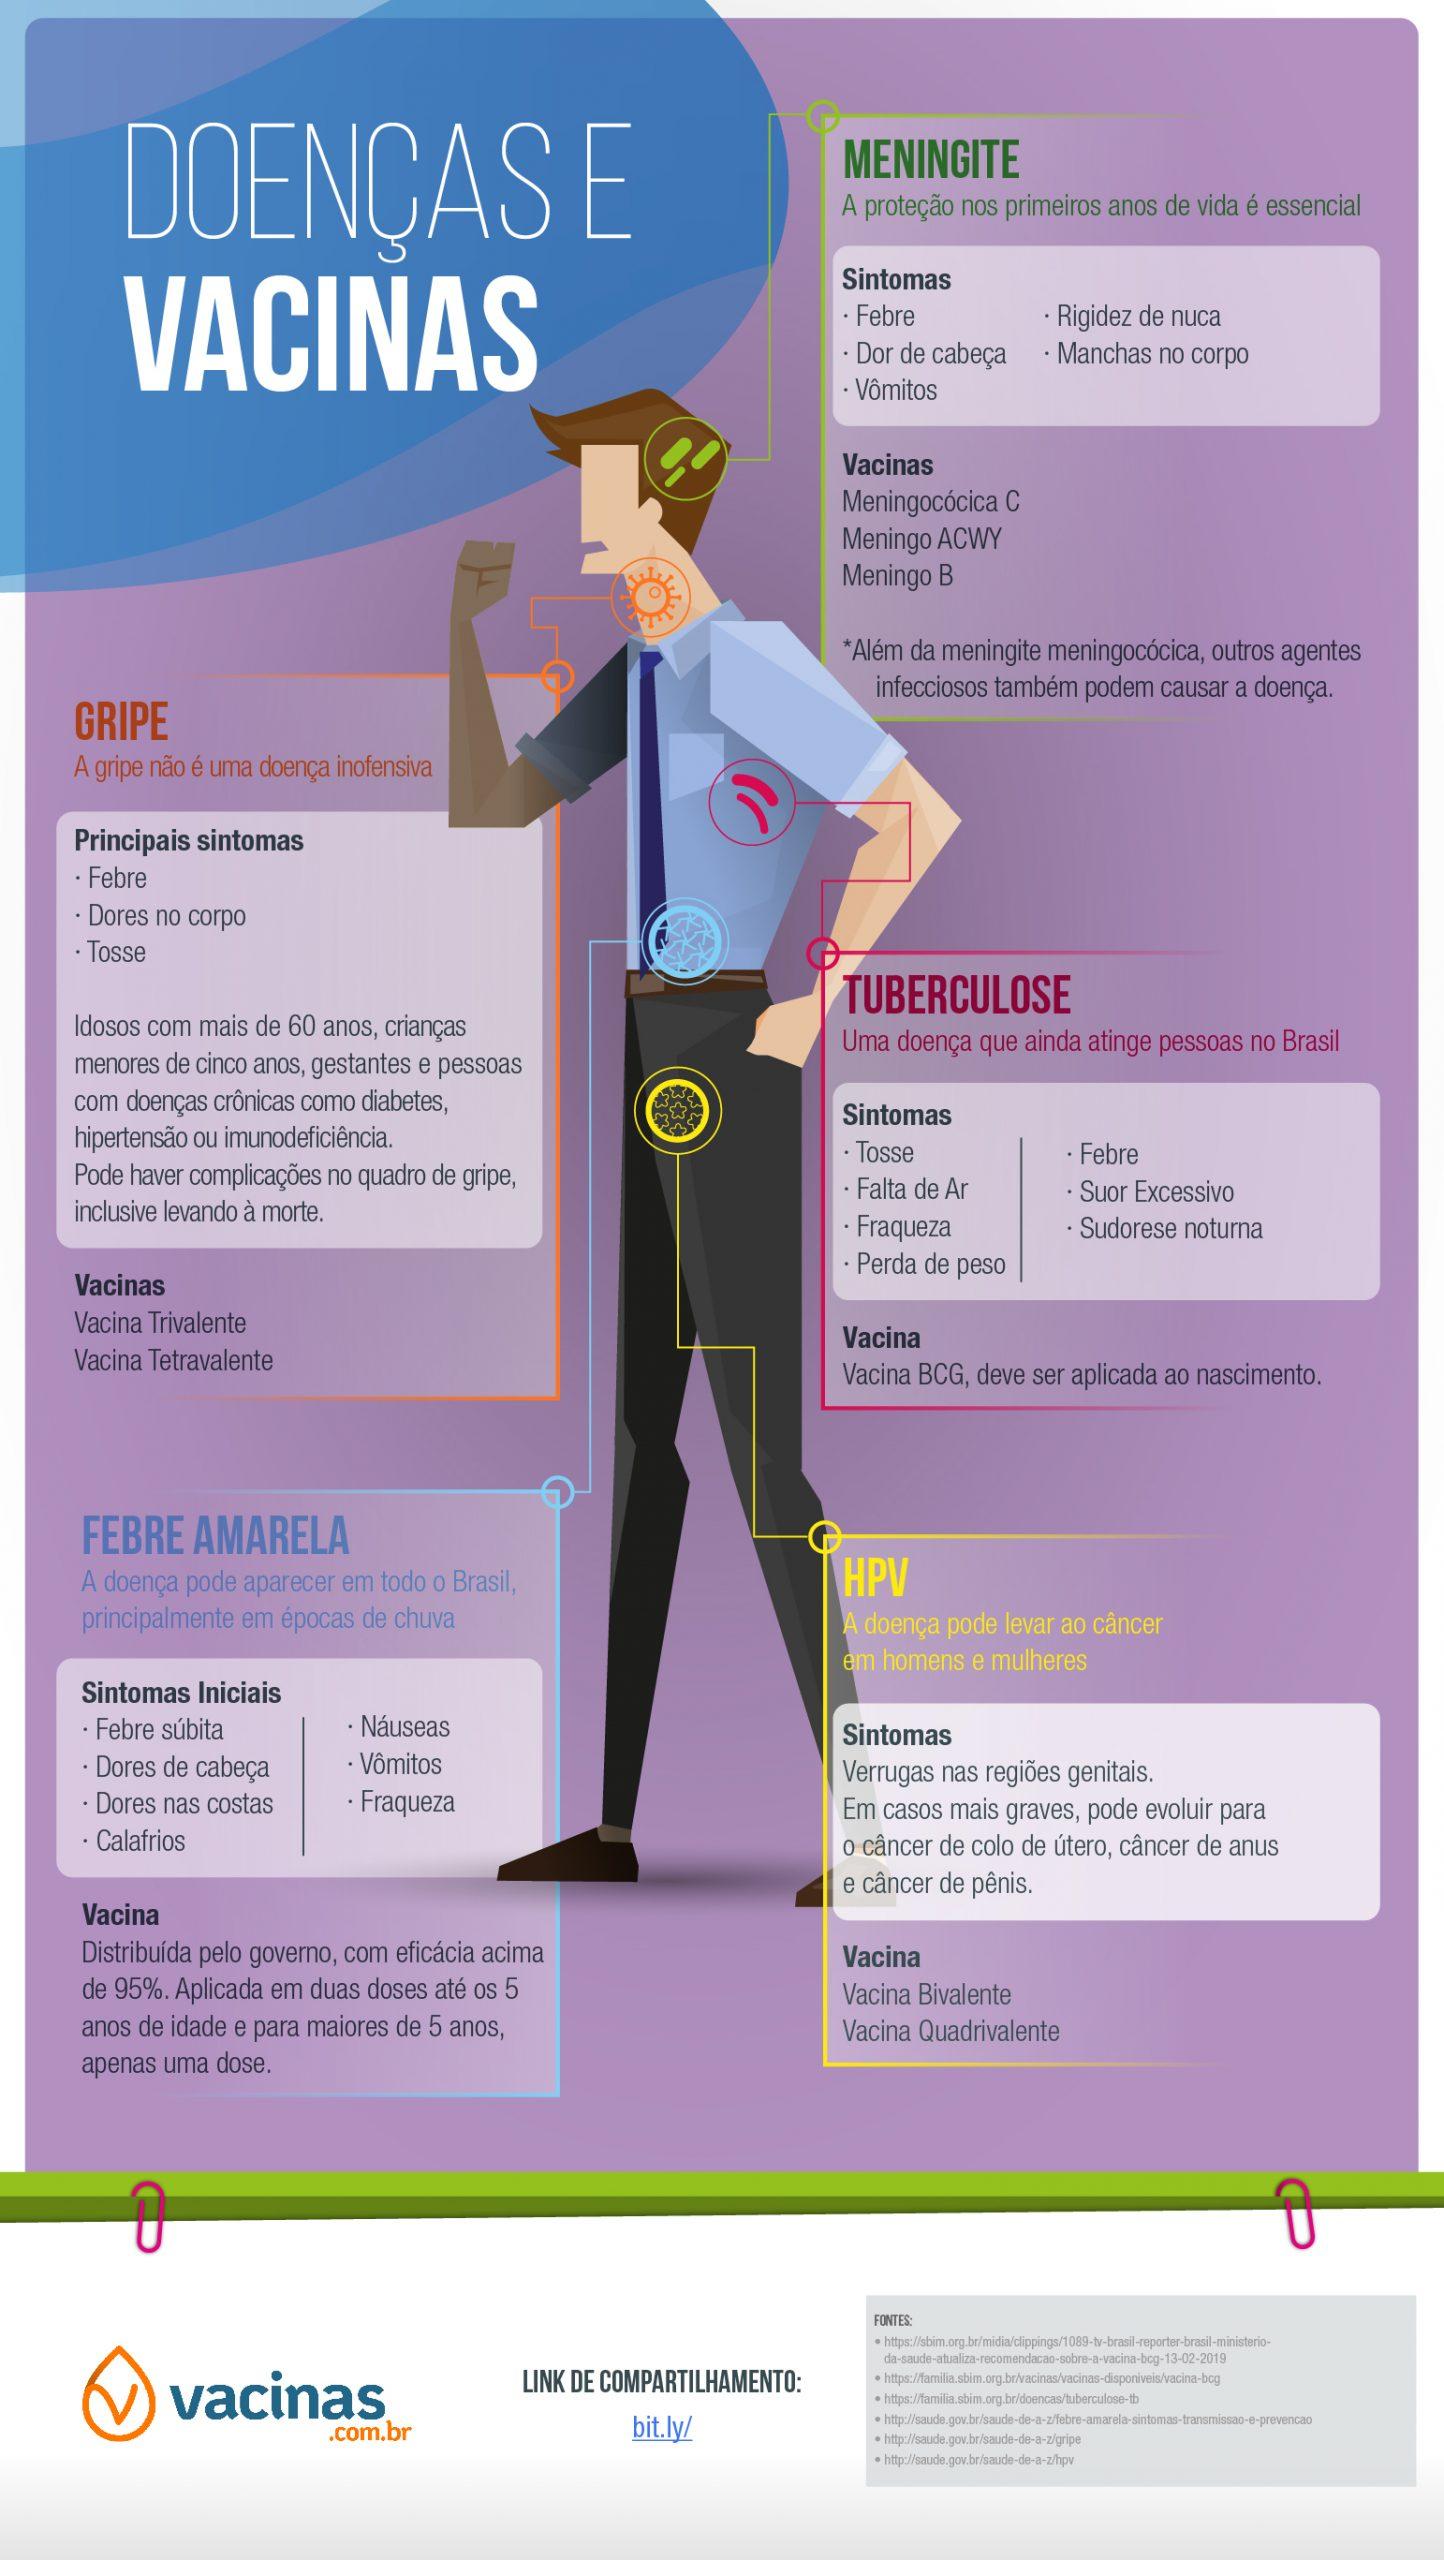 Doenças e vacinas